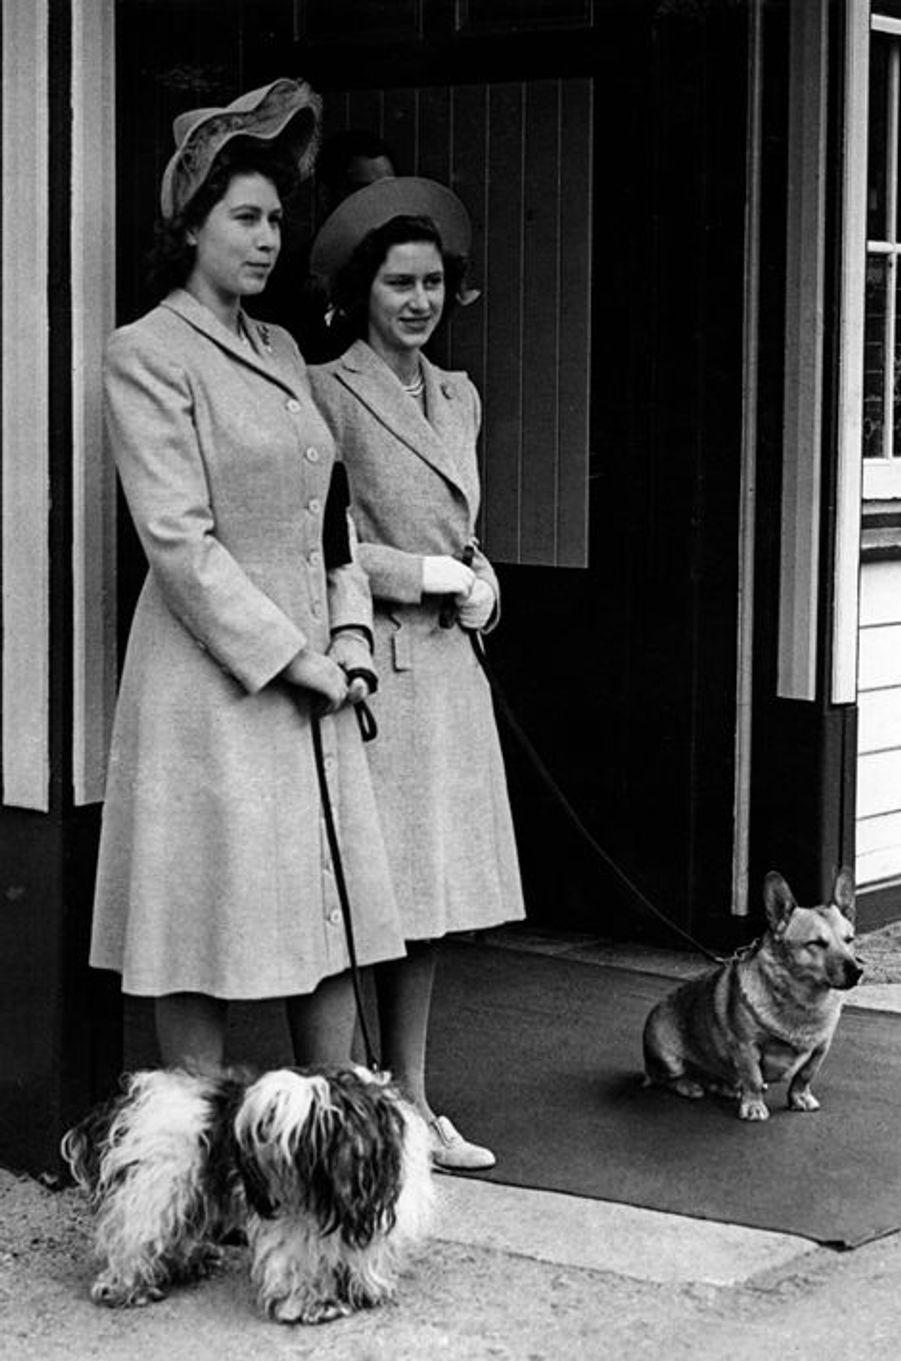 La princesse Elizabeth avec sa soeur la princesse Margaret, le 9 août 1946